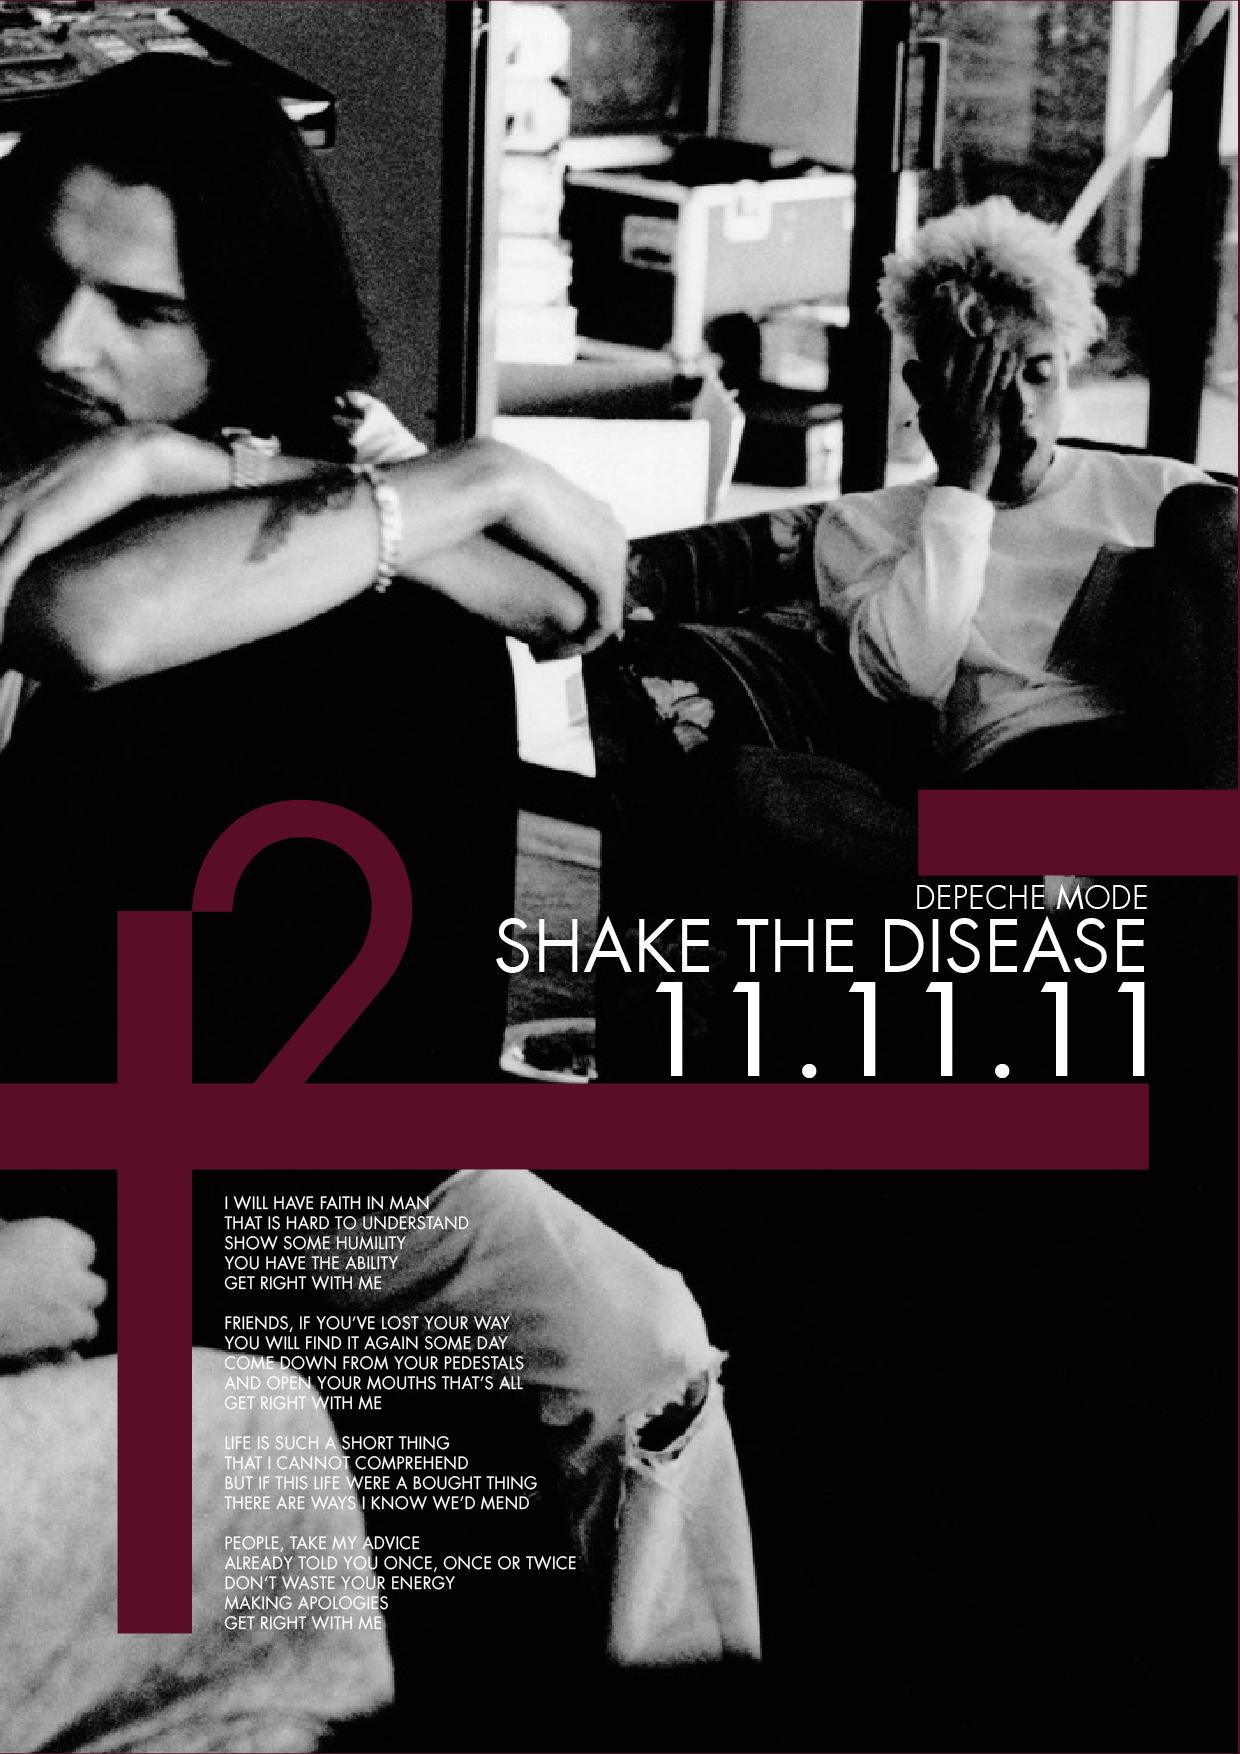 http://www.shakethedisease.fr/teasings/sofad.jpg